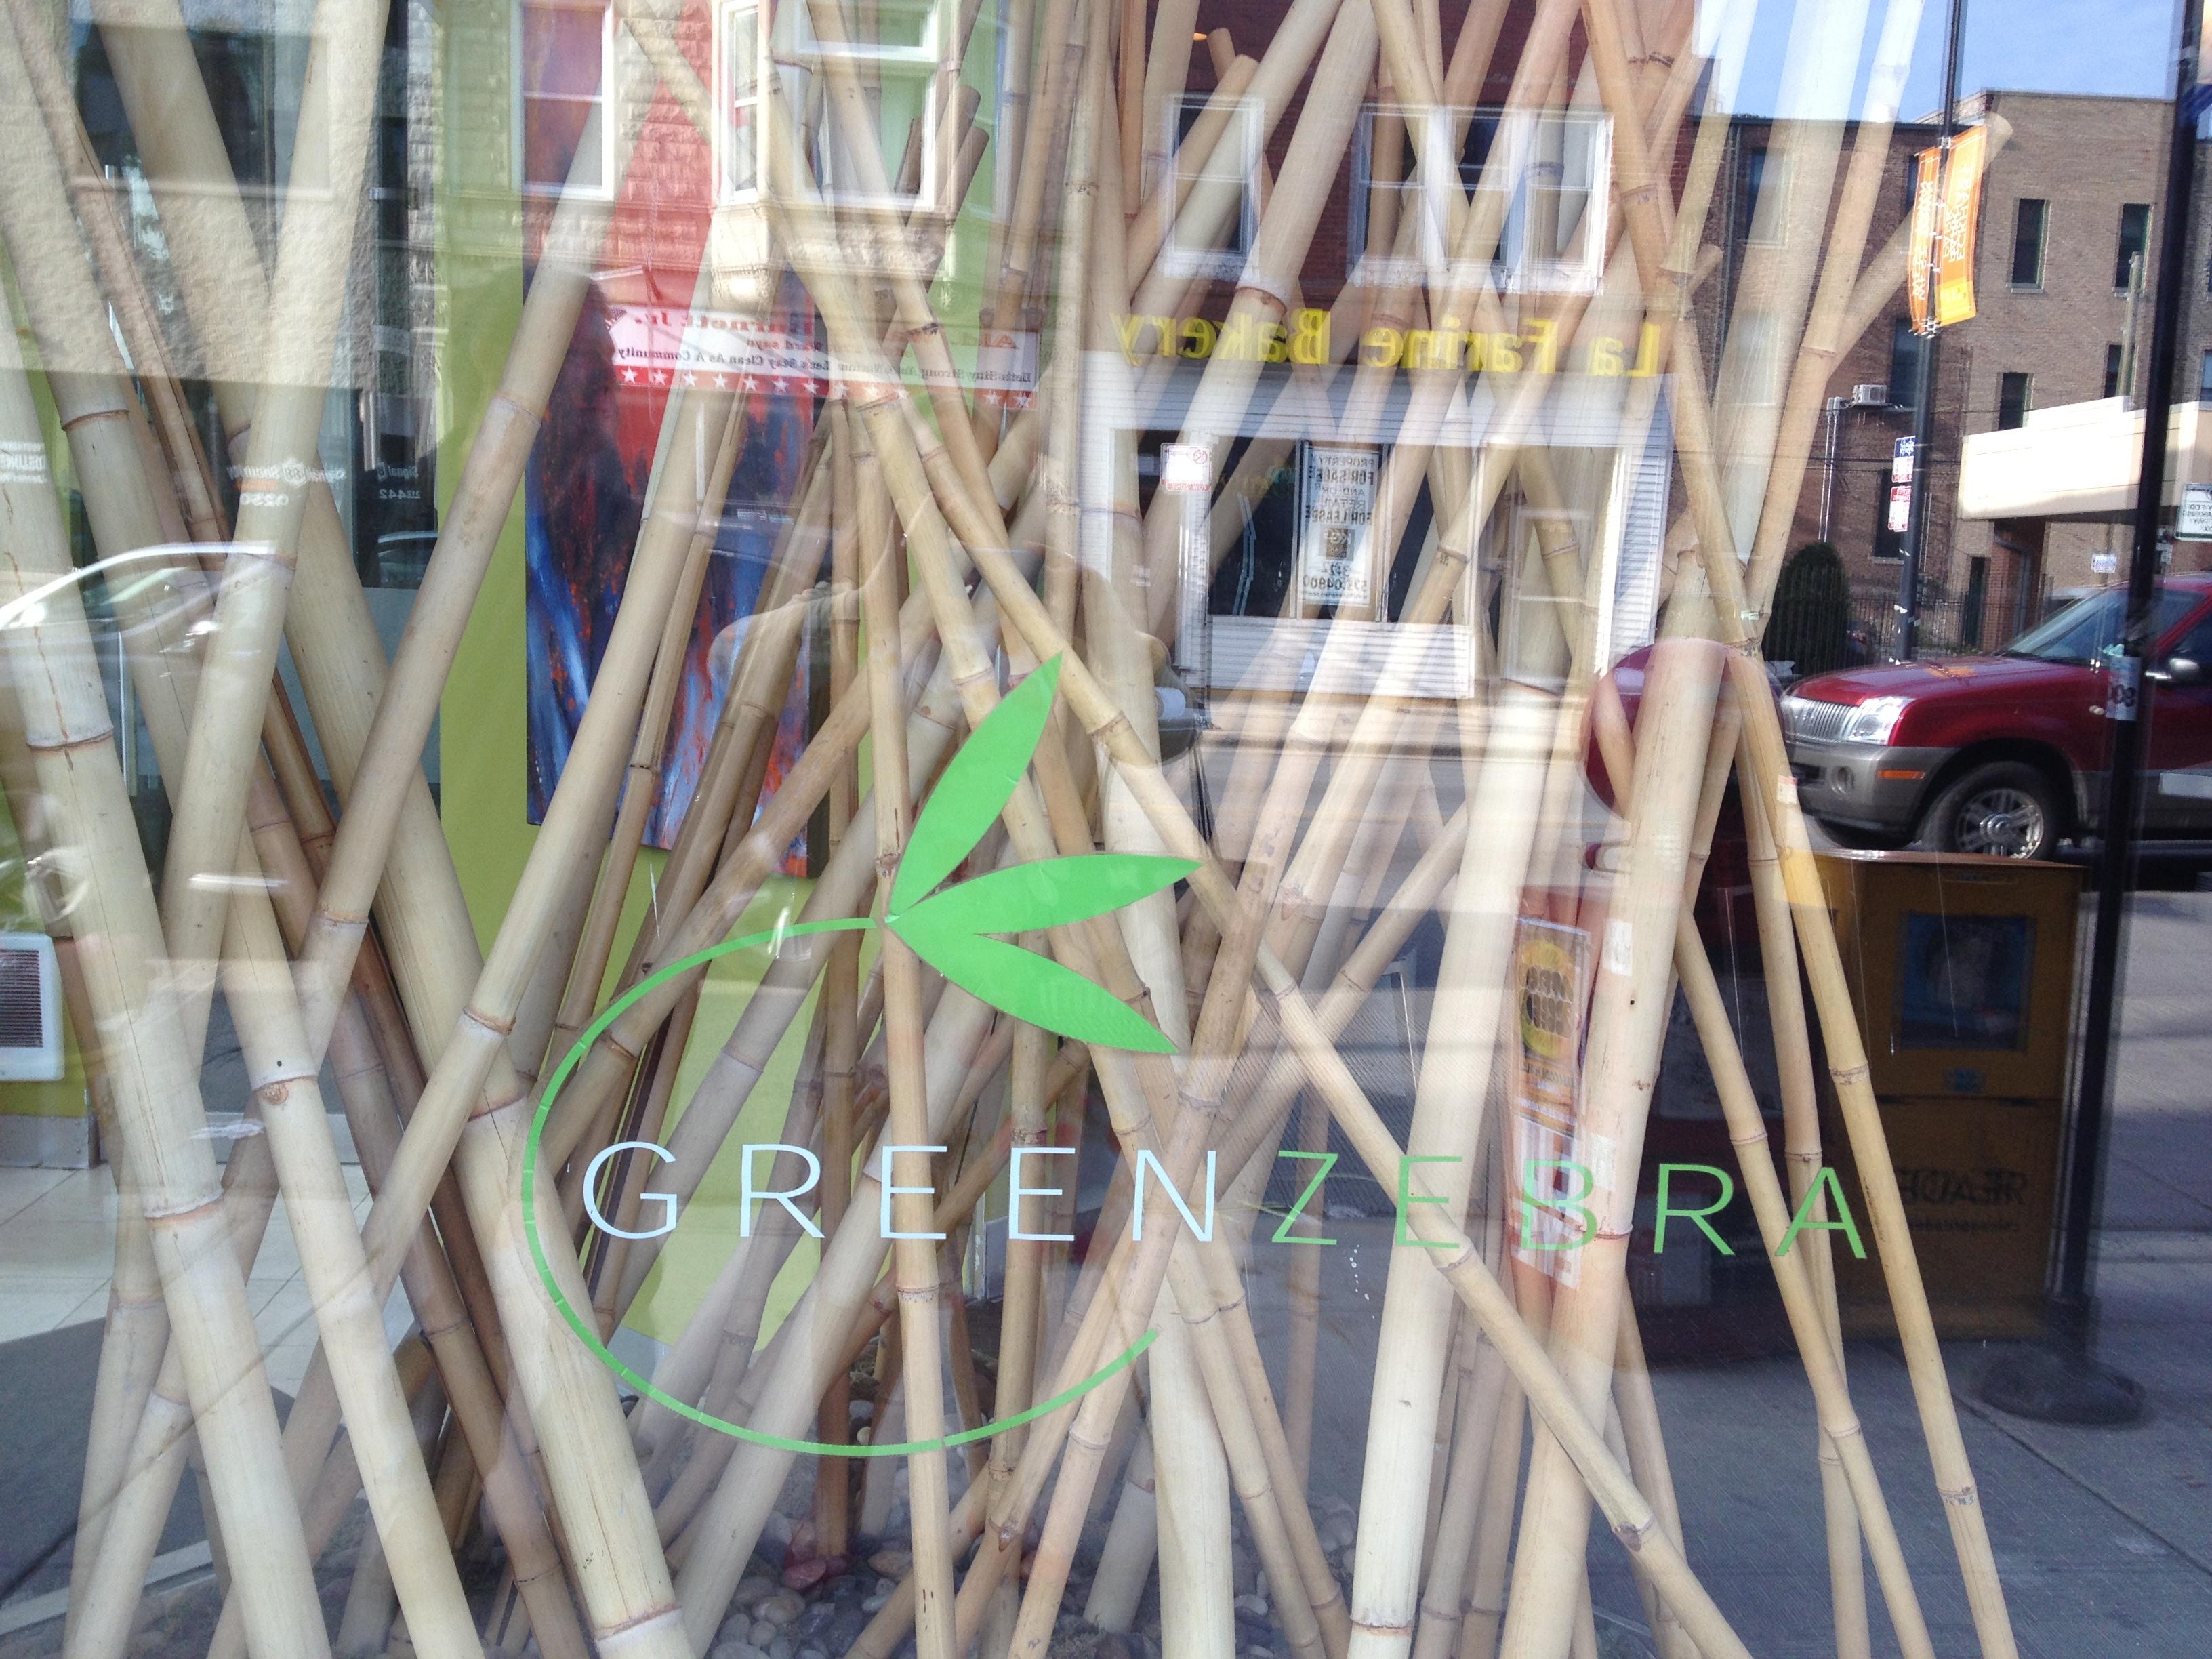 Chicago Green Zebra.jpg